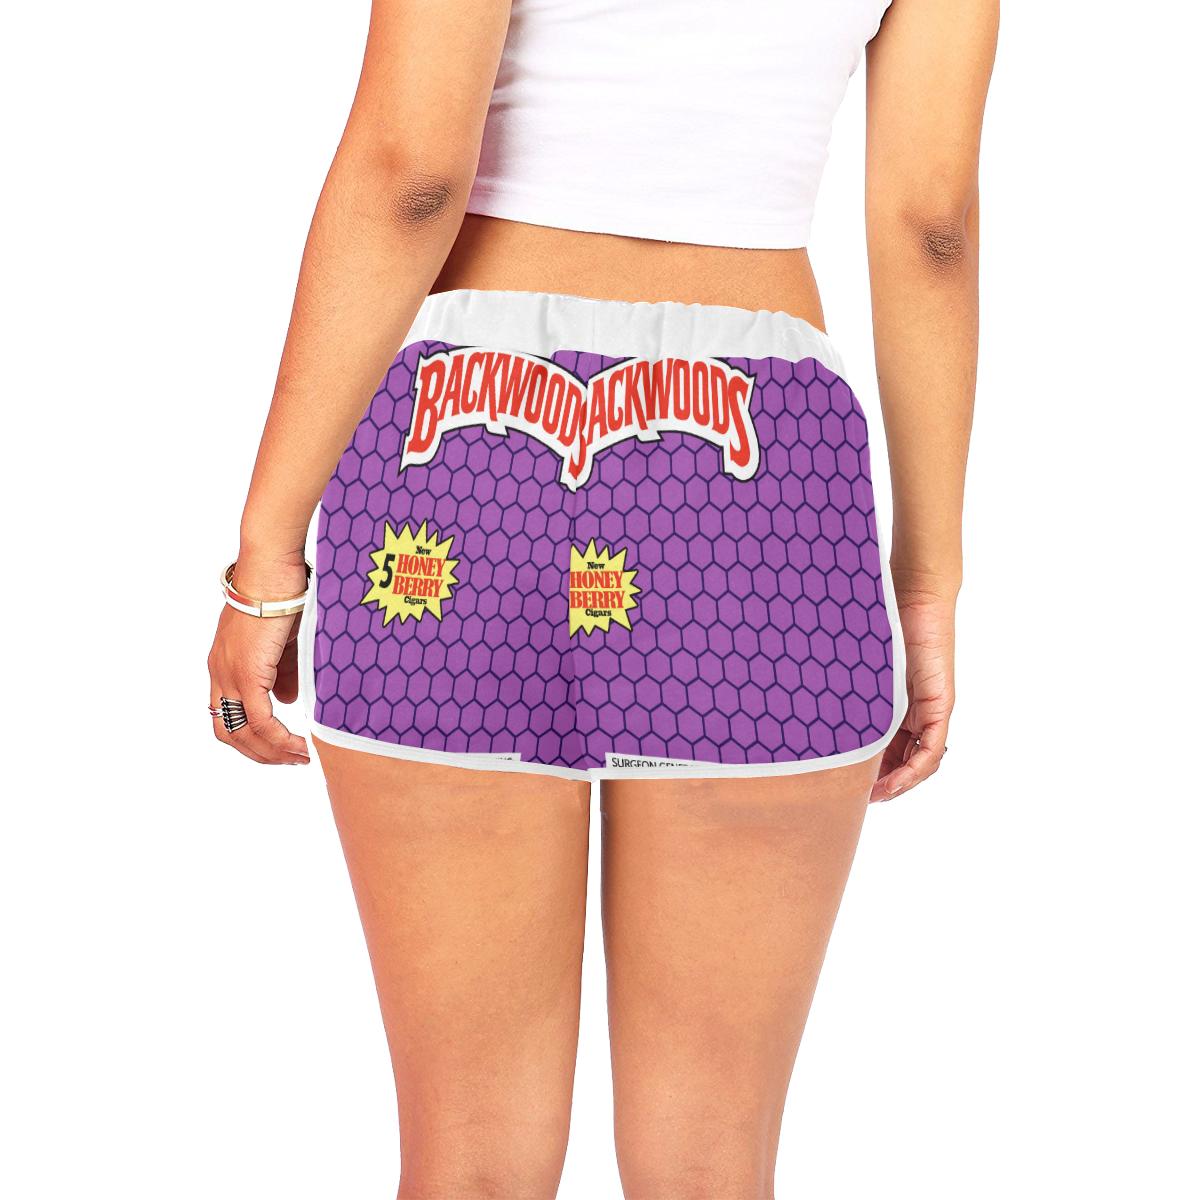 Backwoods Honey Berry Shorts